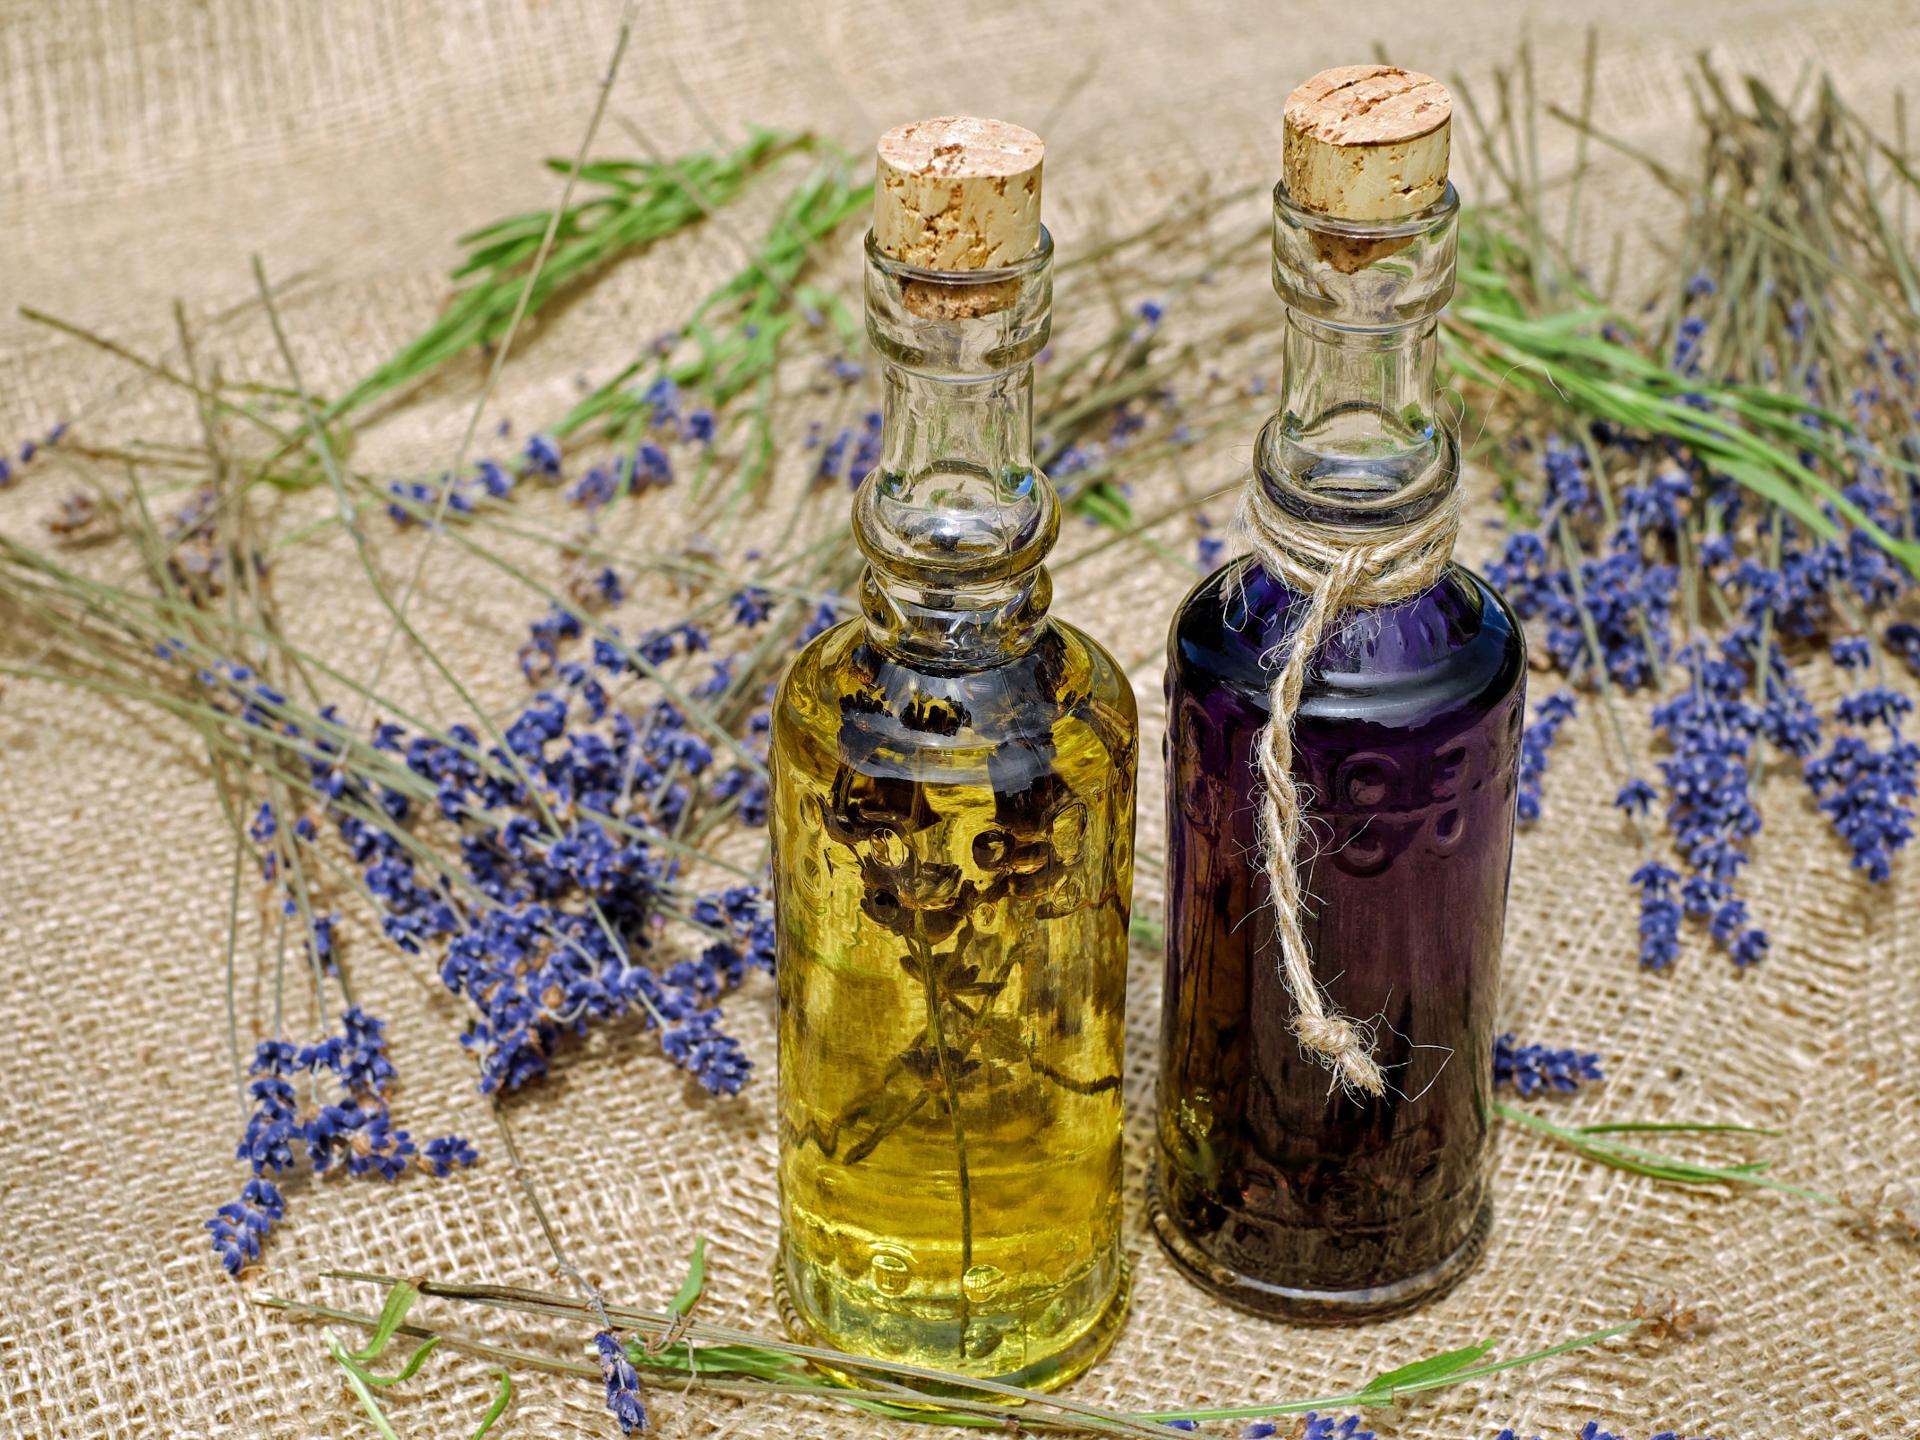 Diverse Öle, wie etwa auch Lavendelöl können als zusätzliche Pflege für die Haare verwendet werden. - Photocredit: pixabay.com/Couleur